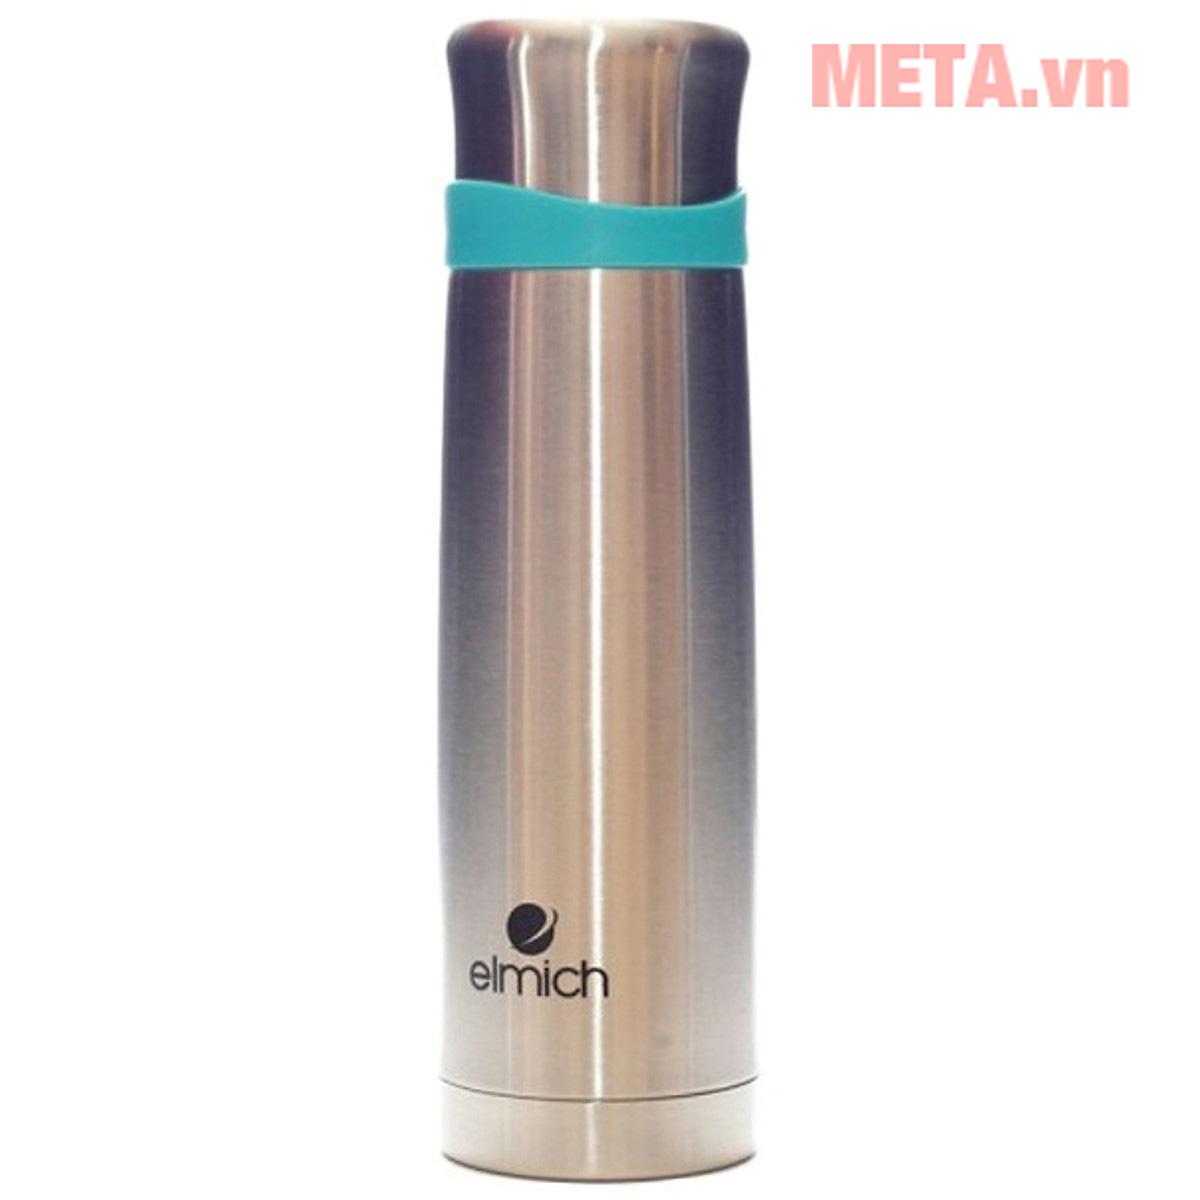 Bình giữ nhiệt Elmich K5 2246386 inox 304 500ml